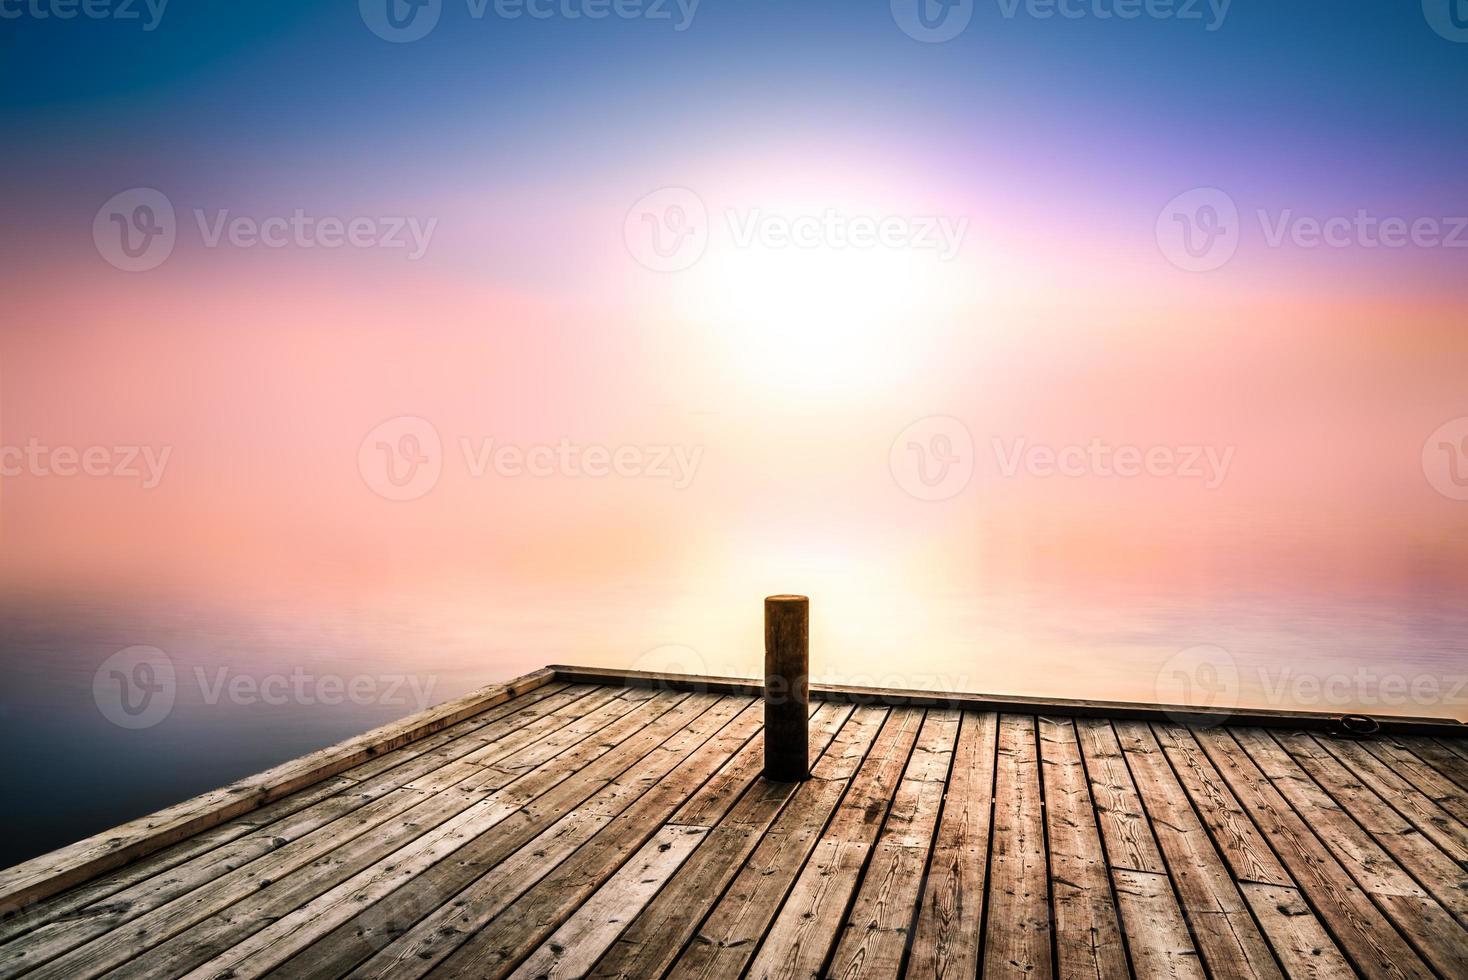 fredlig och mystisk bild med morgonljus över en sjö foto